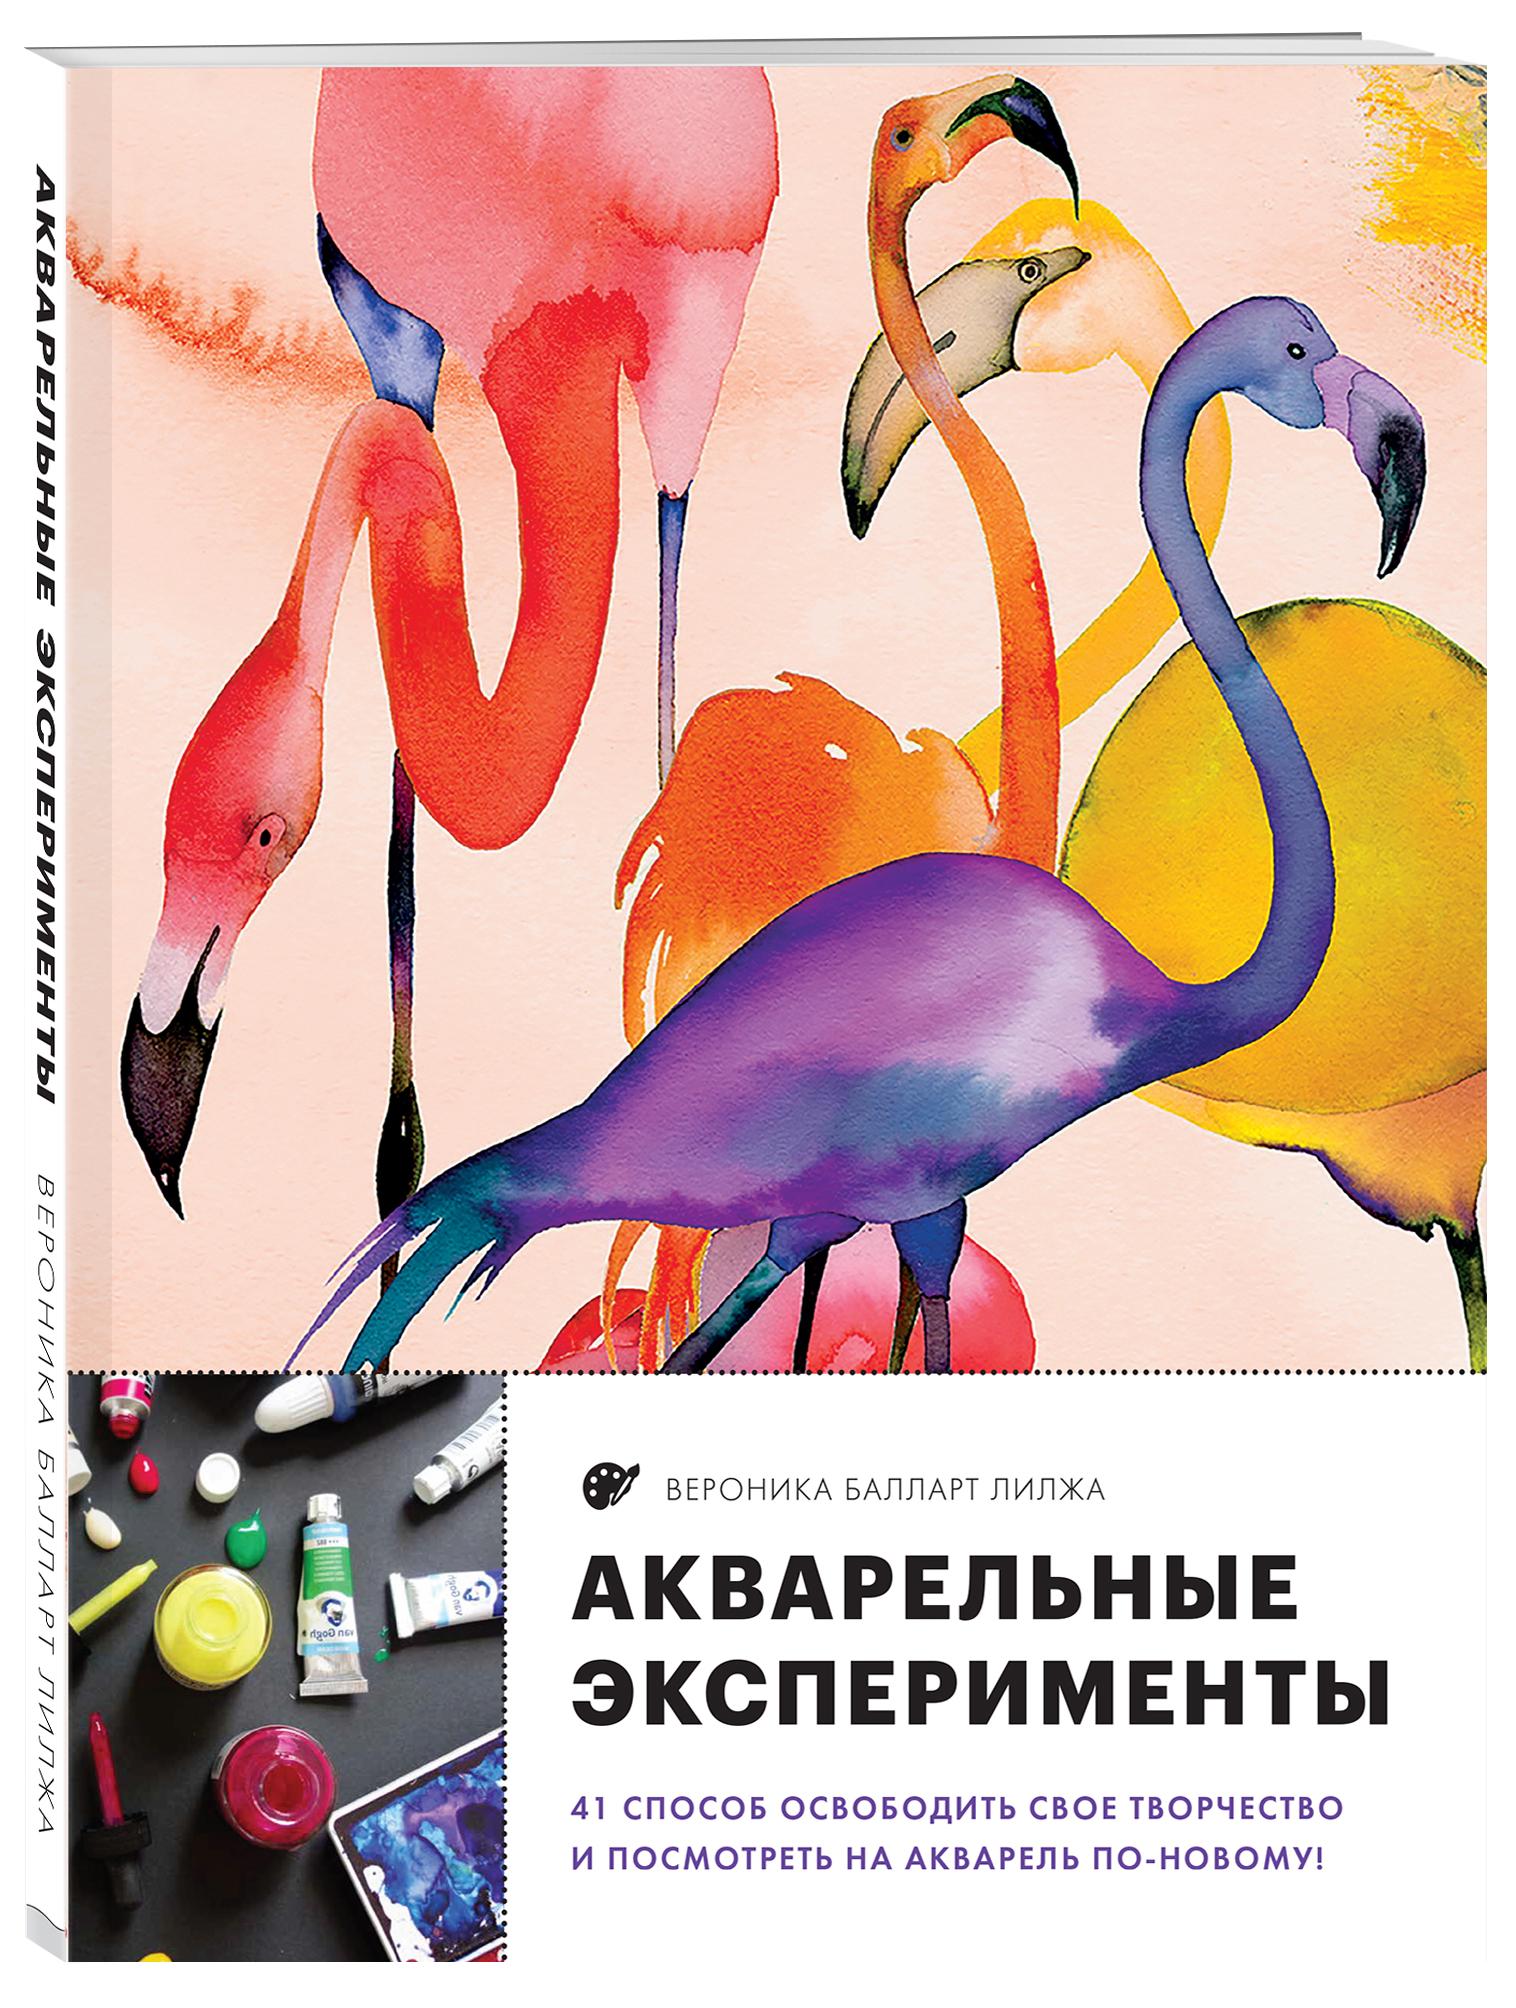 Акварельные эксперименты. 41 способ освободить свое творчество и взглянуть на акварель по-новому! (фламинго) ( Балларт Лилжа Вероника  )